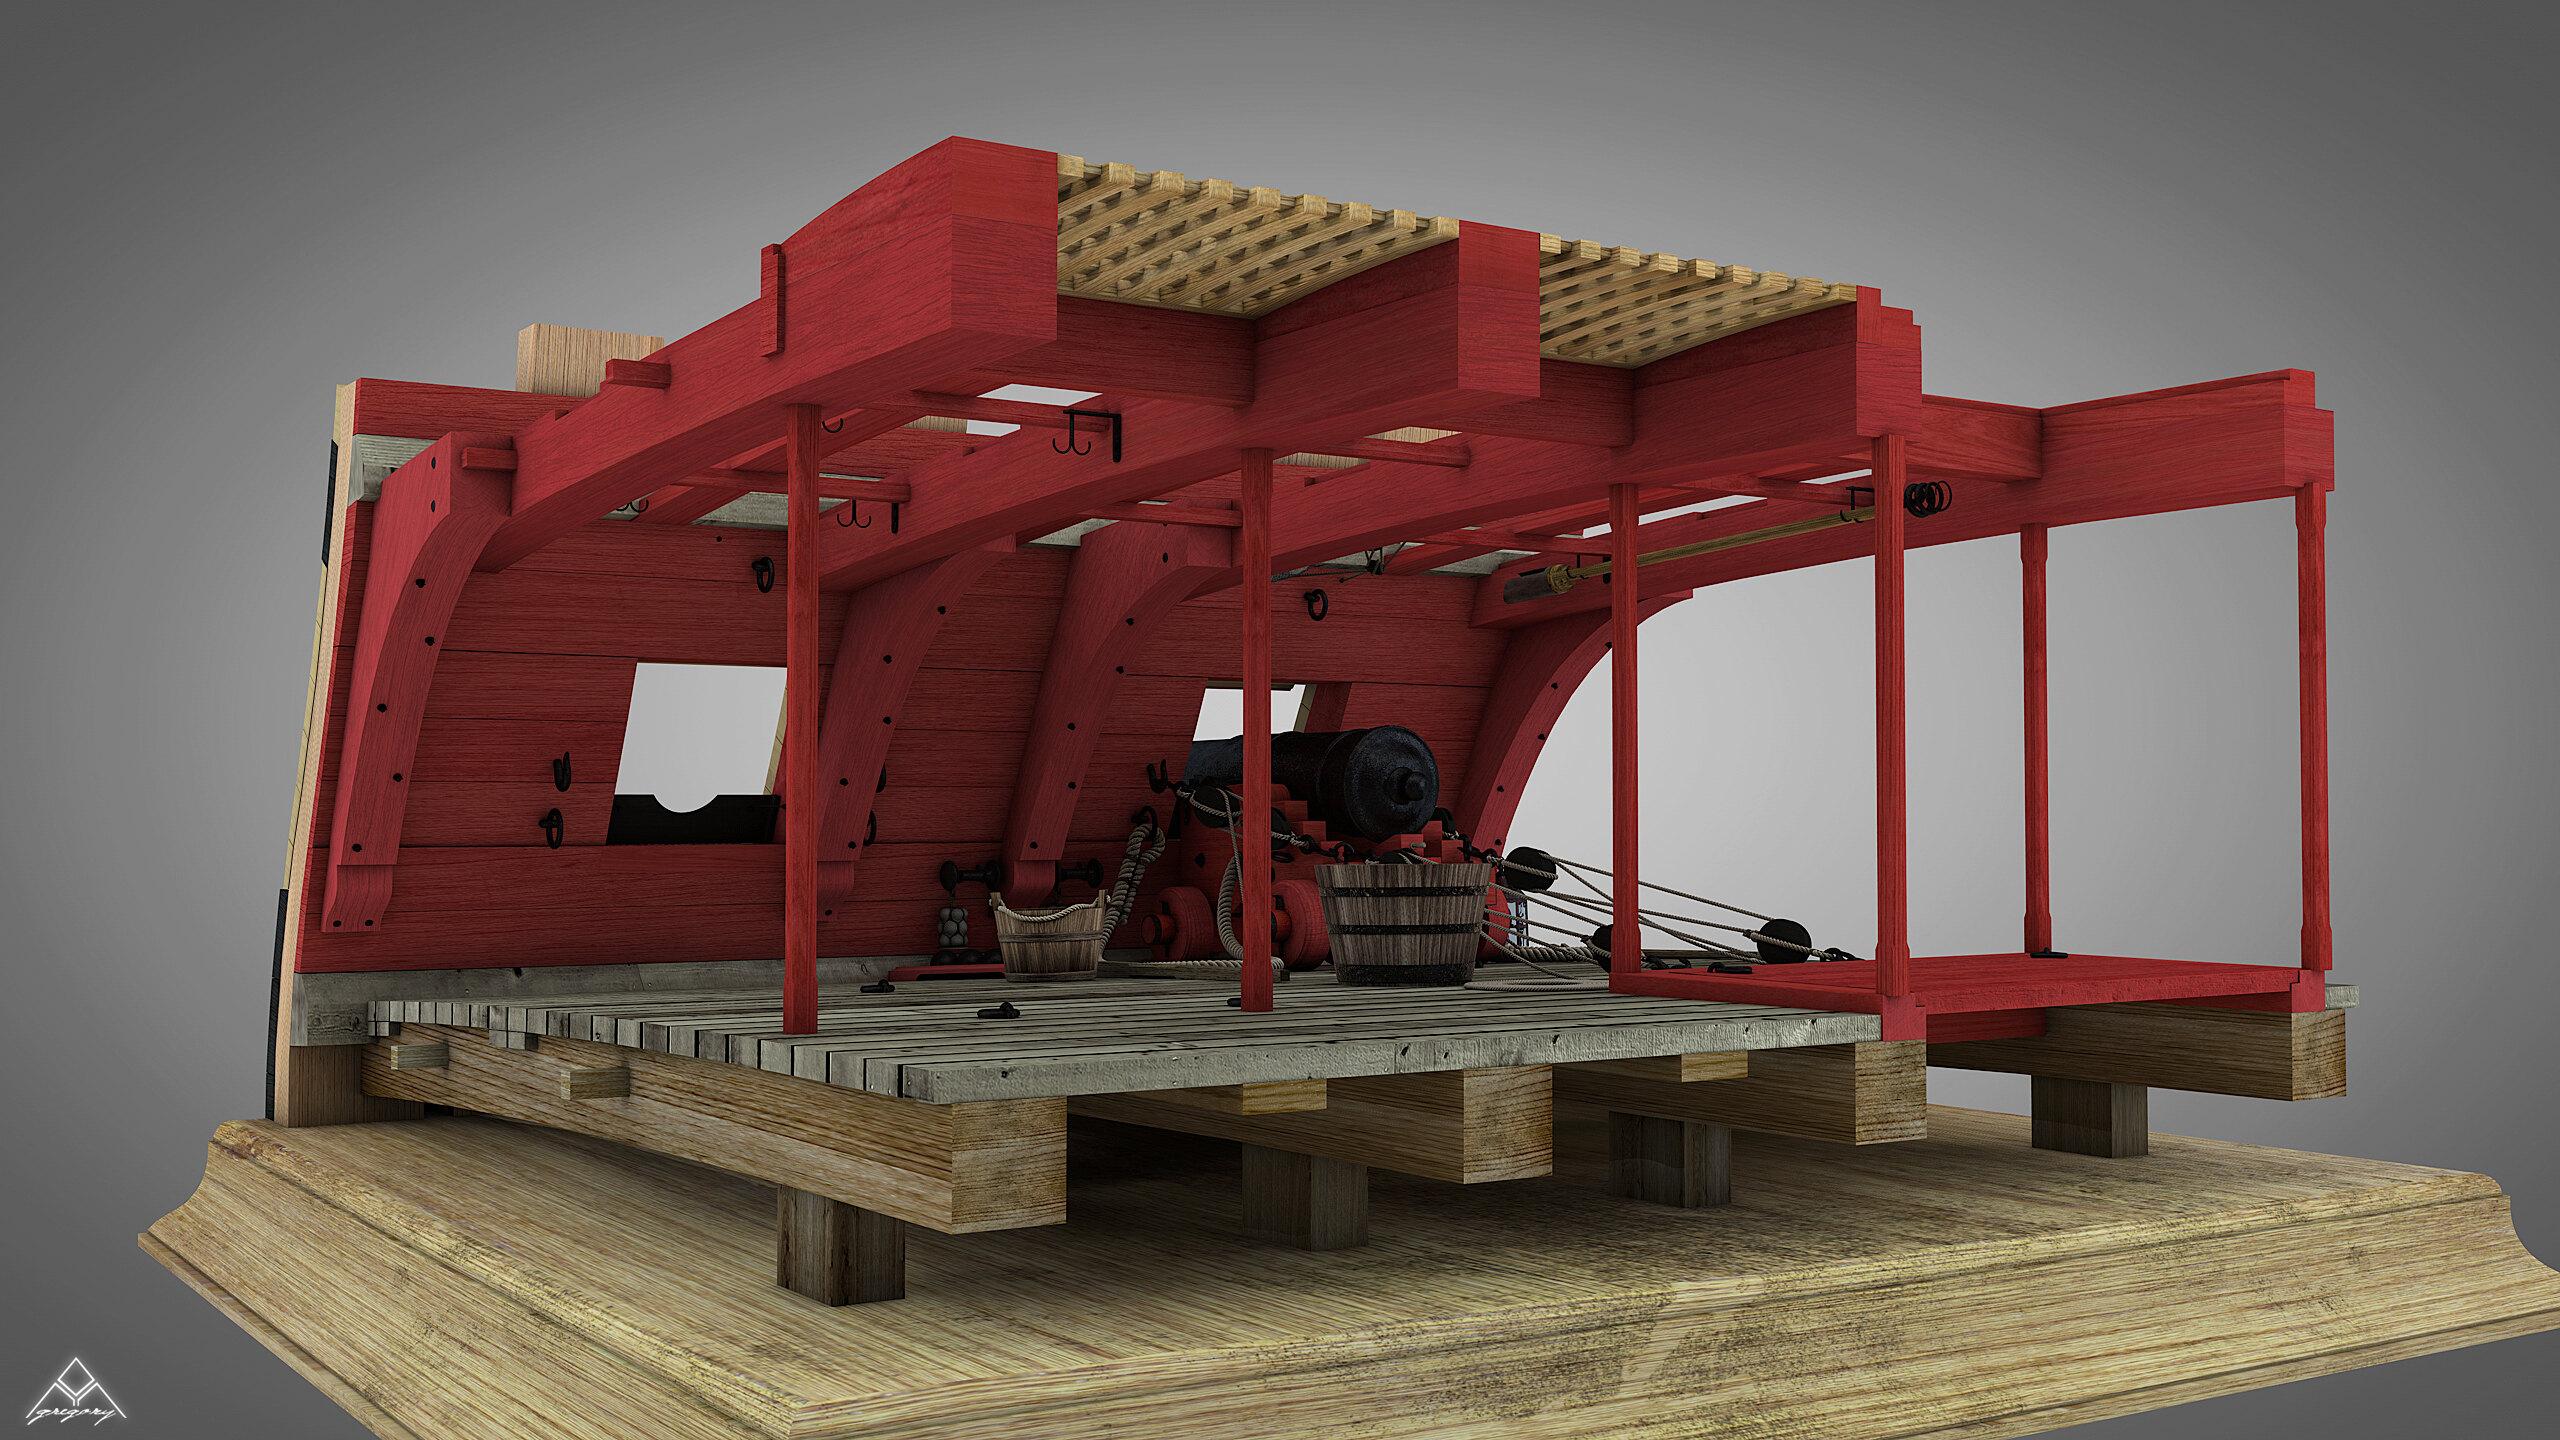 Canons de vaisseau 74 canons (Création 3D) par Greg_3D - Page 4 Rendu_63